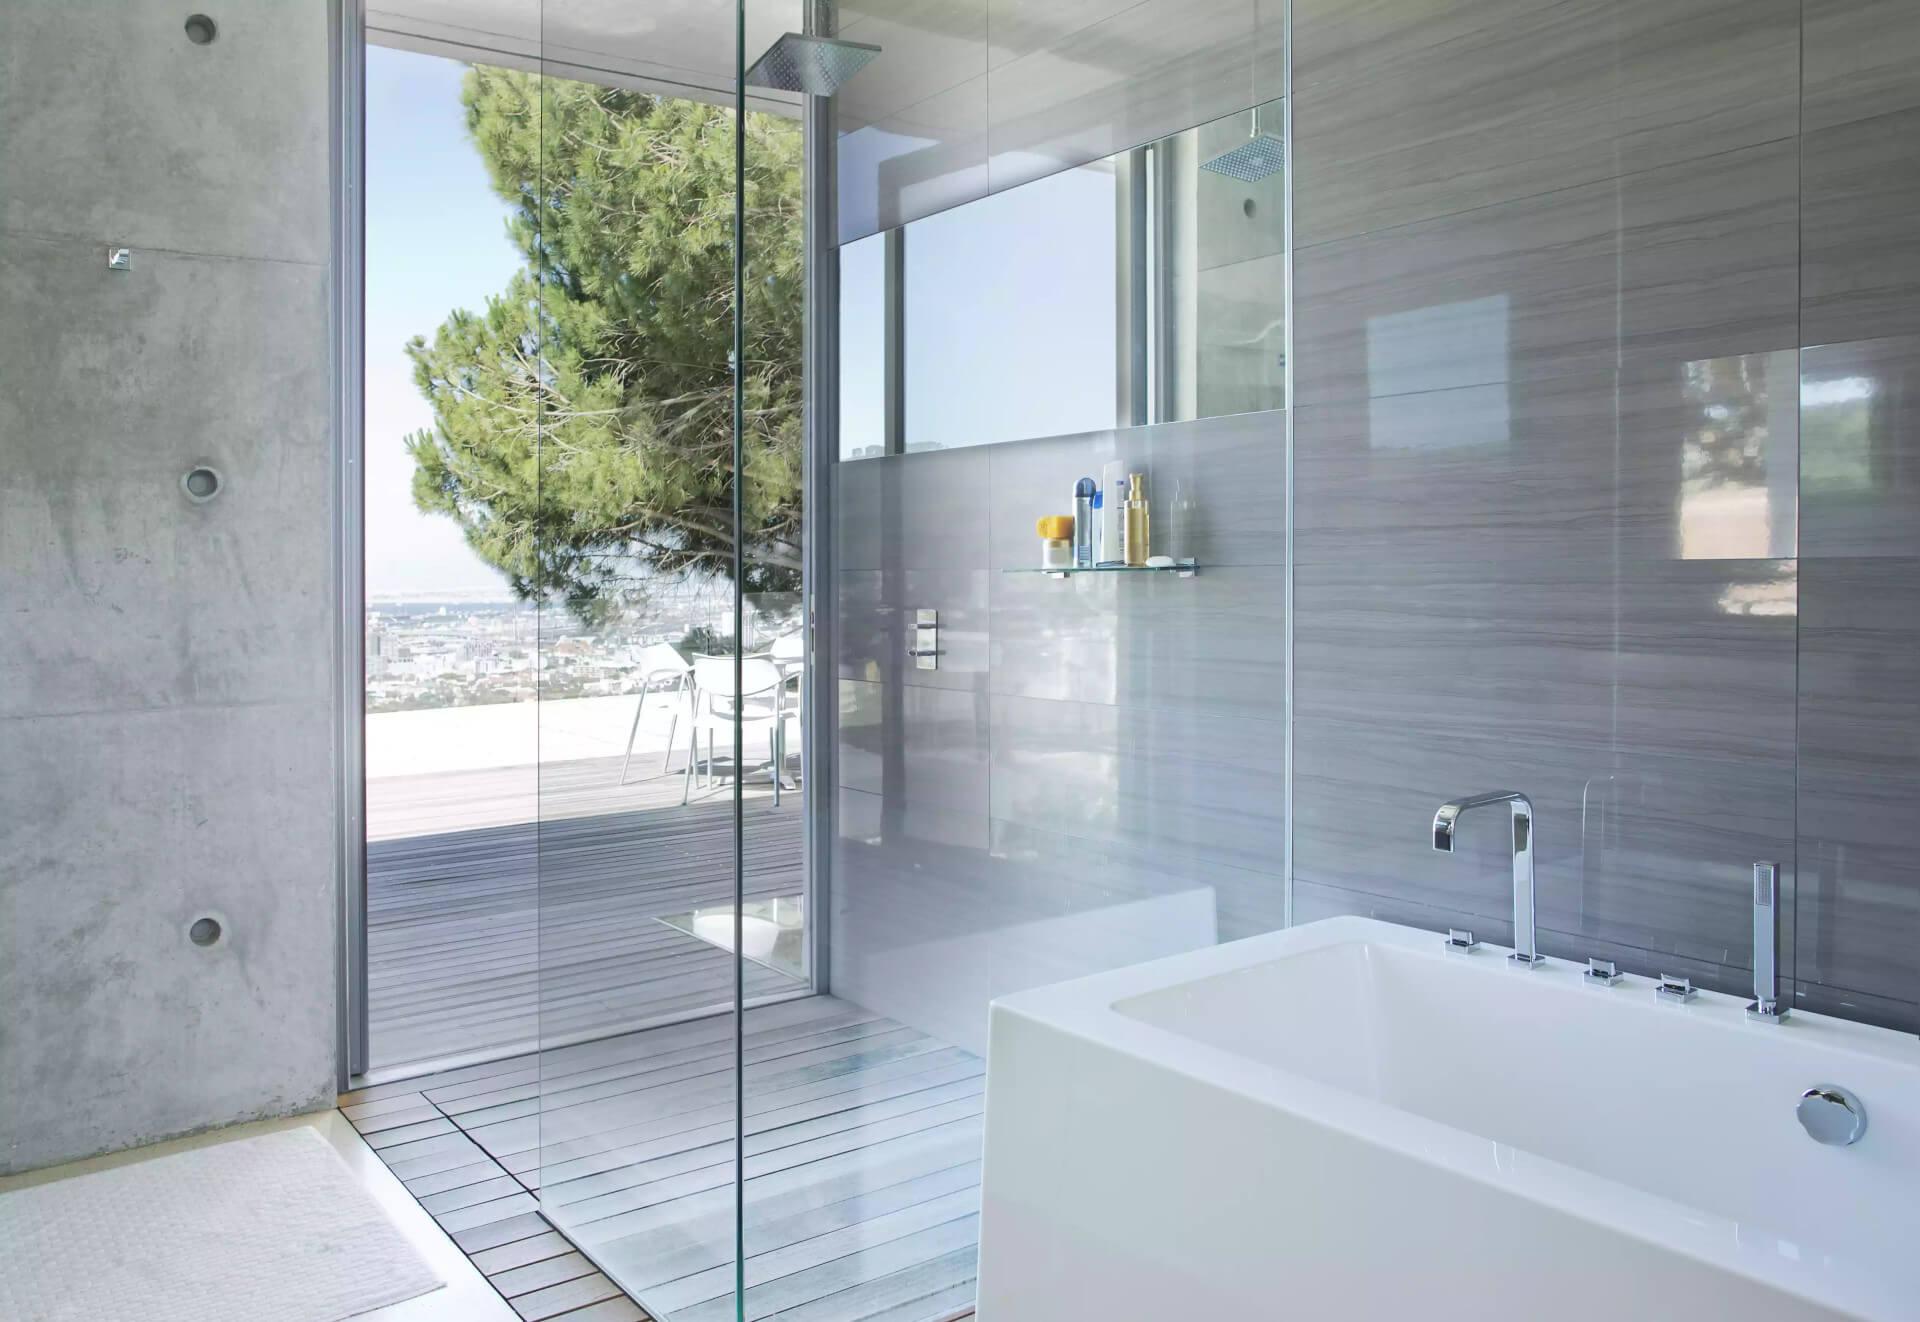 Comment choisir le meilleur revêtement de sol pour la salle de bains ?